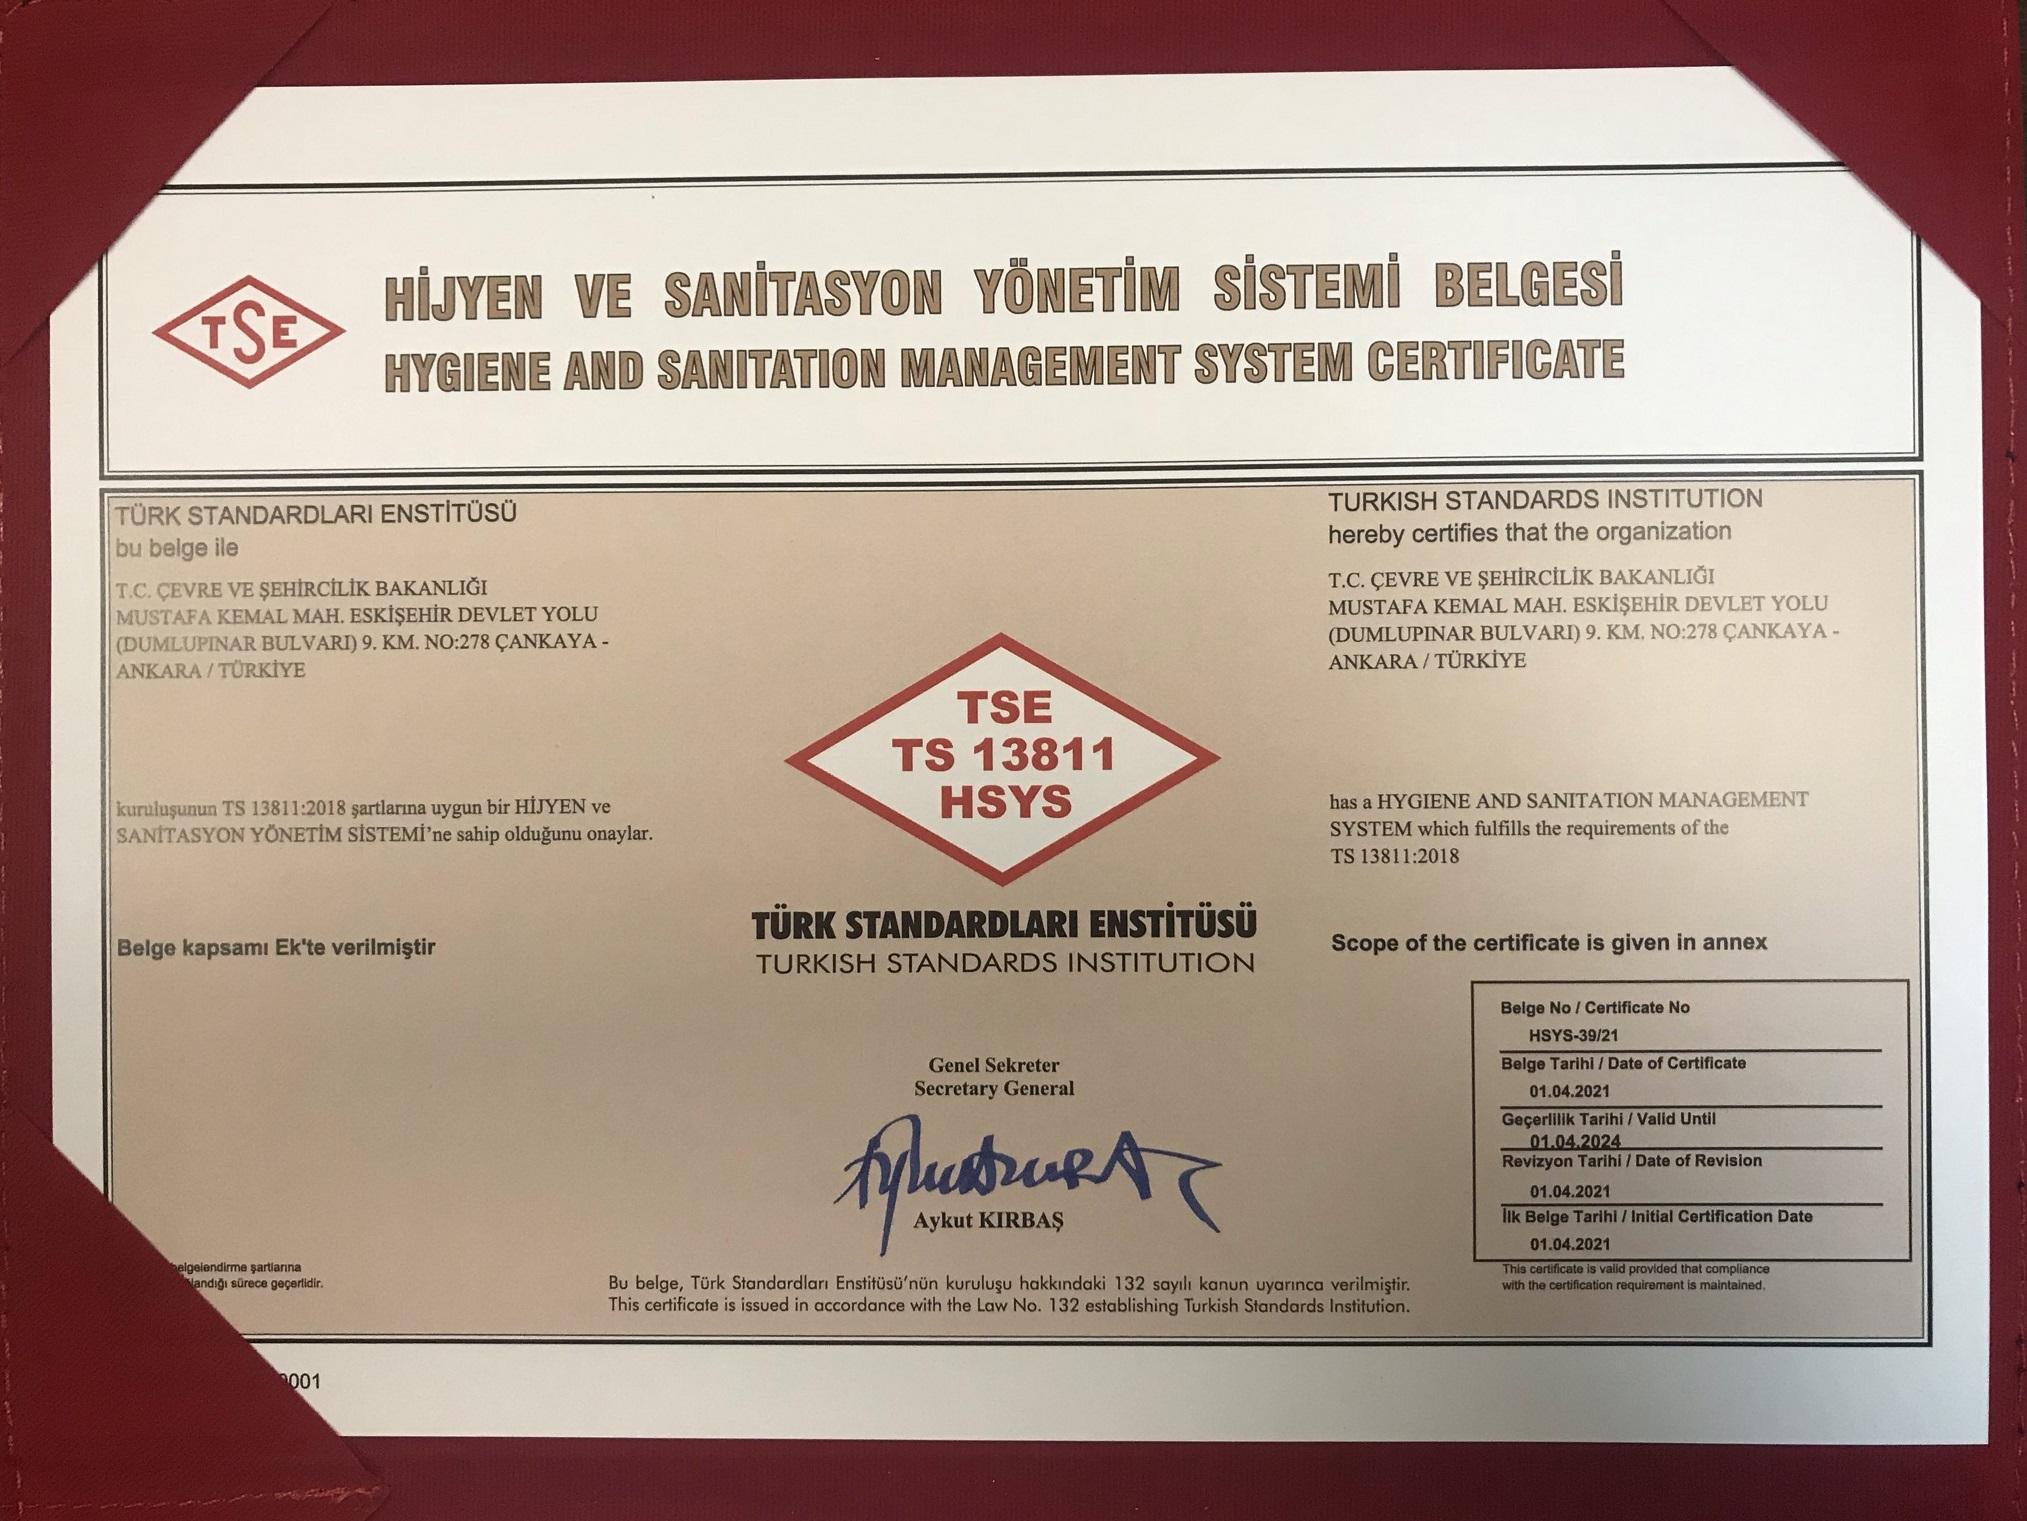 Çevre ve Şehircilik Bakanlığımız, TS 13811 Hijyen Ve Sanitasyon Yönetim Sistemi belgesini almaya hak kazanan ilk Bakanlık oldu.